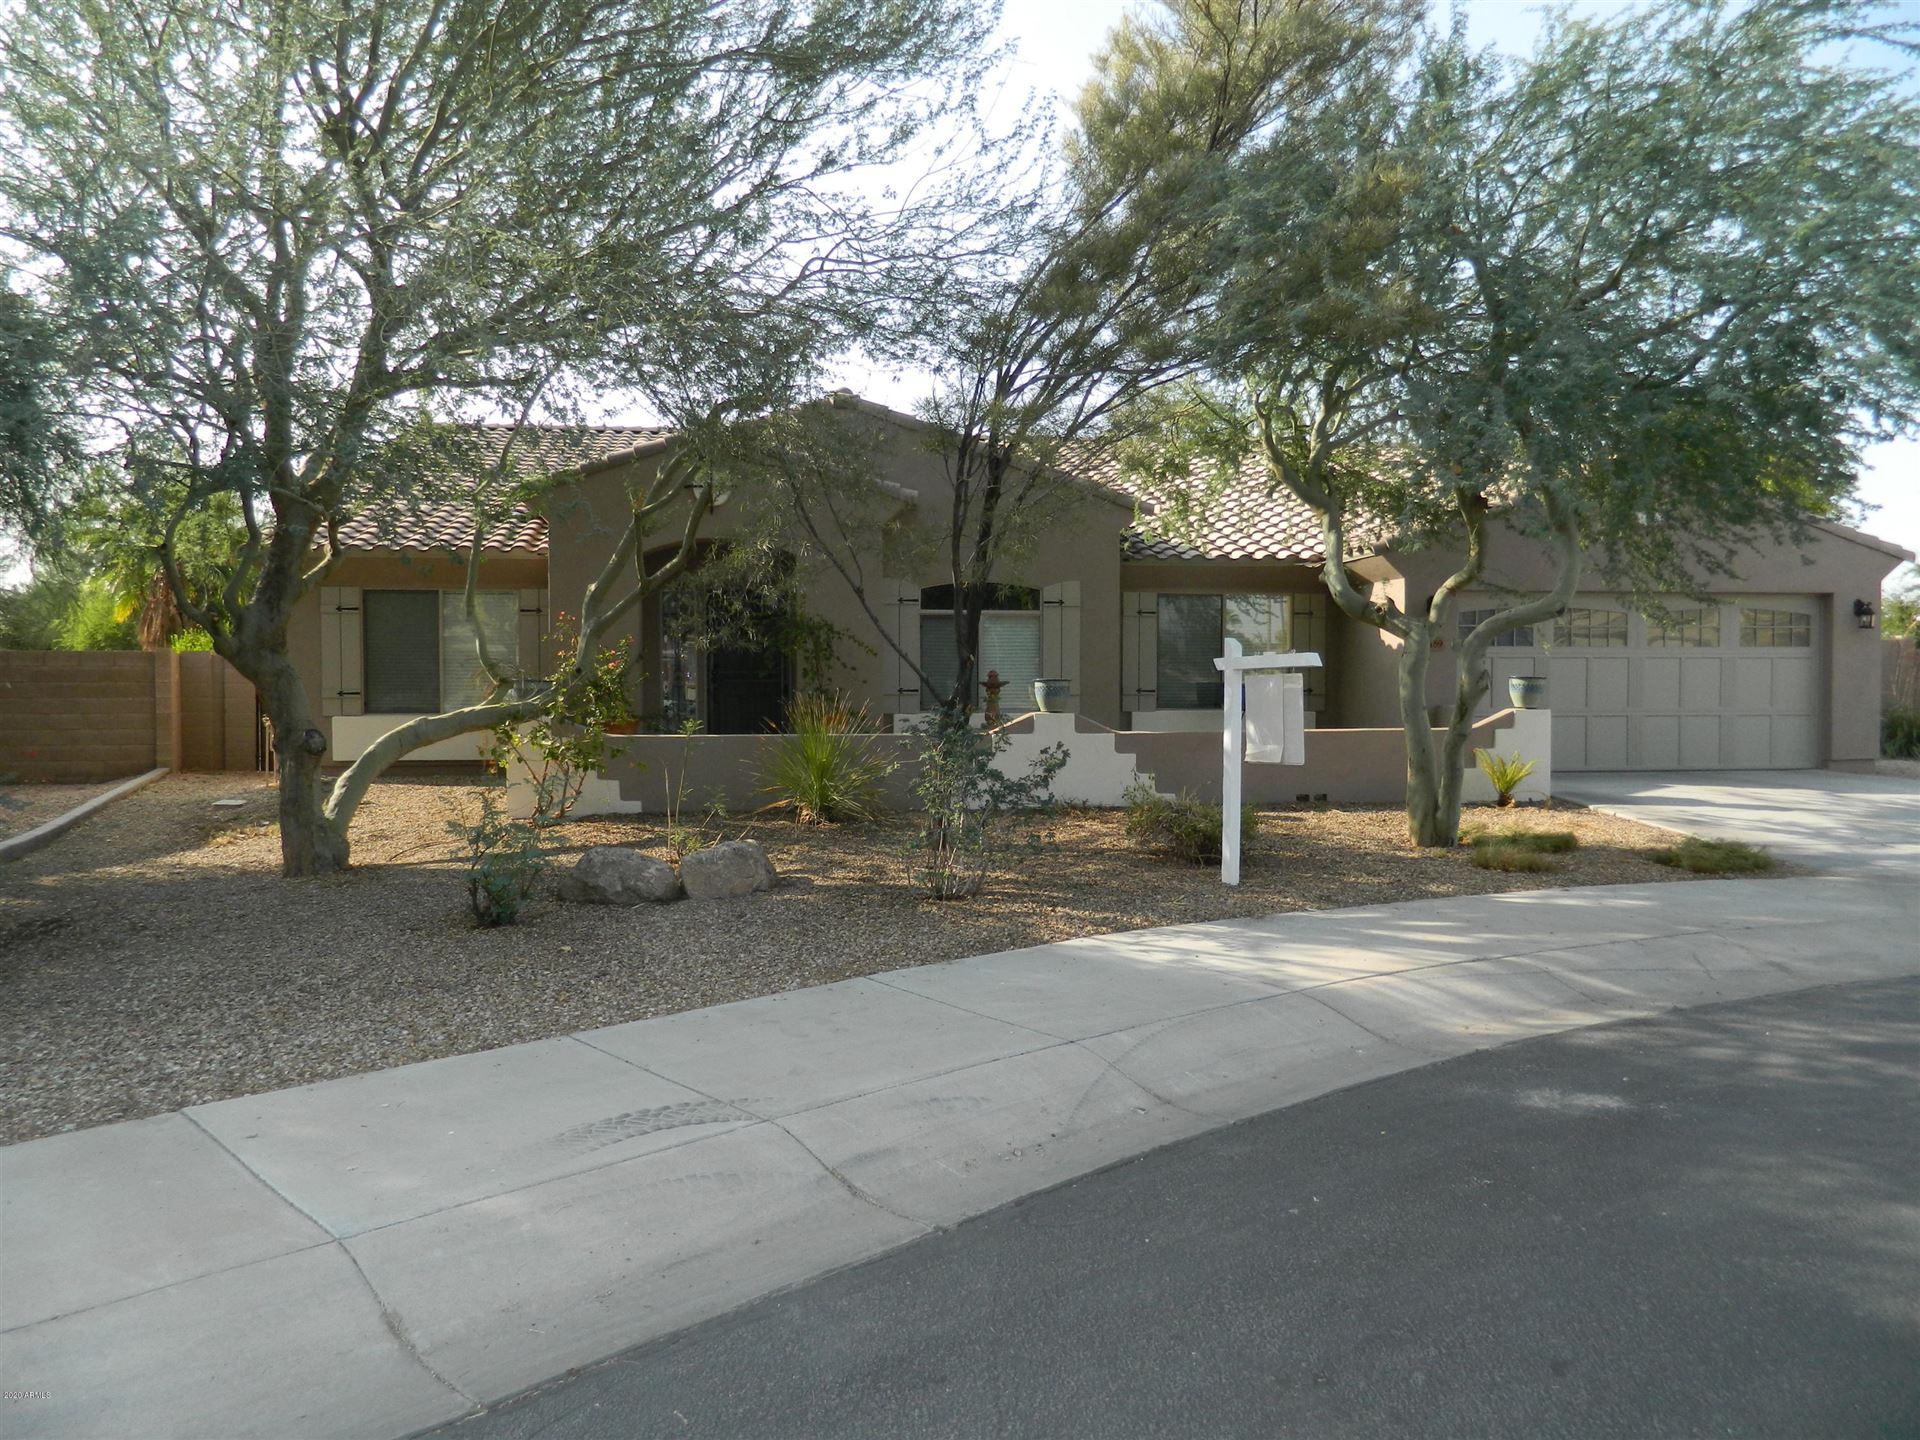 15169 W COOLIDGE Street, Goodyear, AZ 85395 - MLS#: 6133461